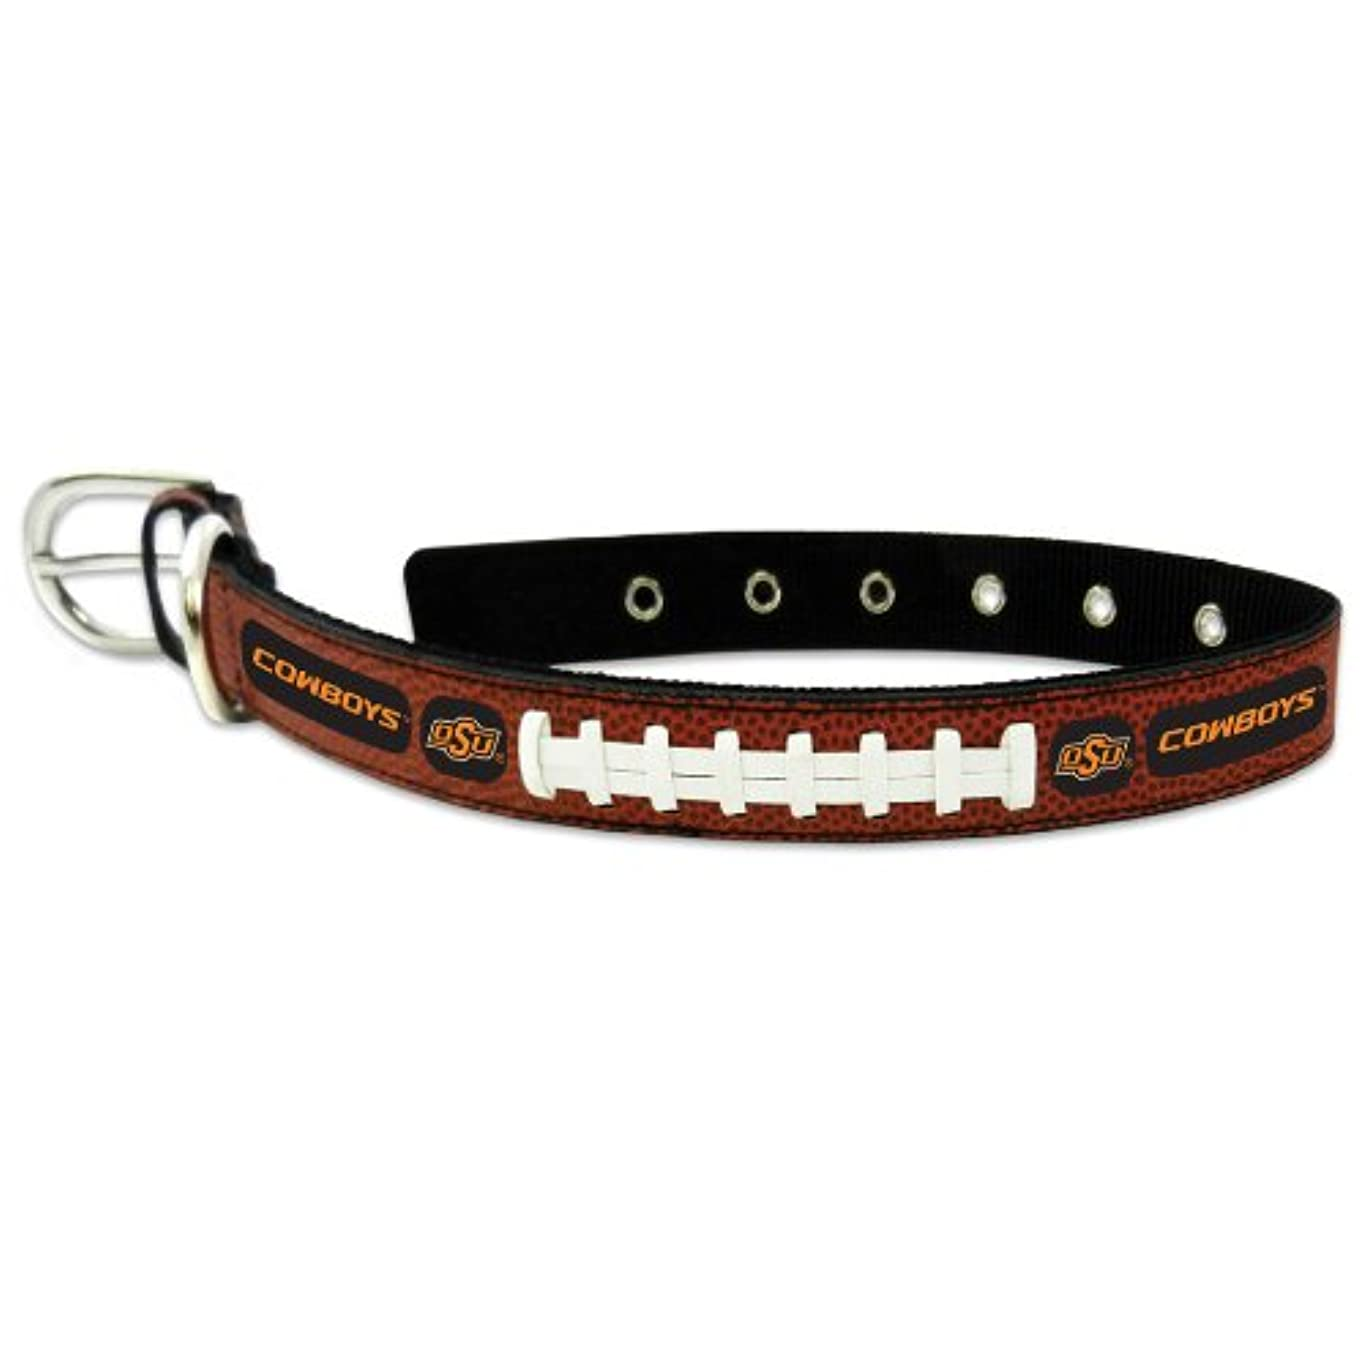 環境保護主義者ようこそ続編Oklahoma State Cowboys Classic Leather Medium Football Collar